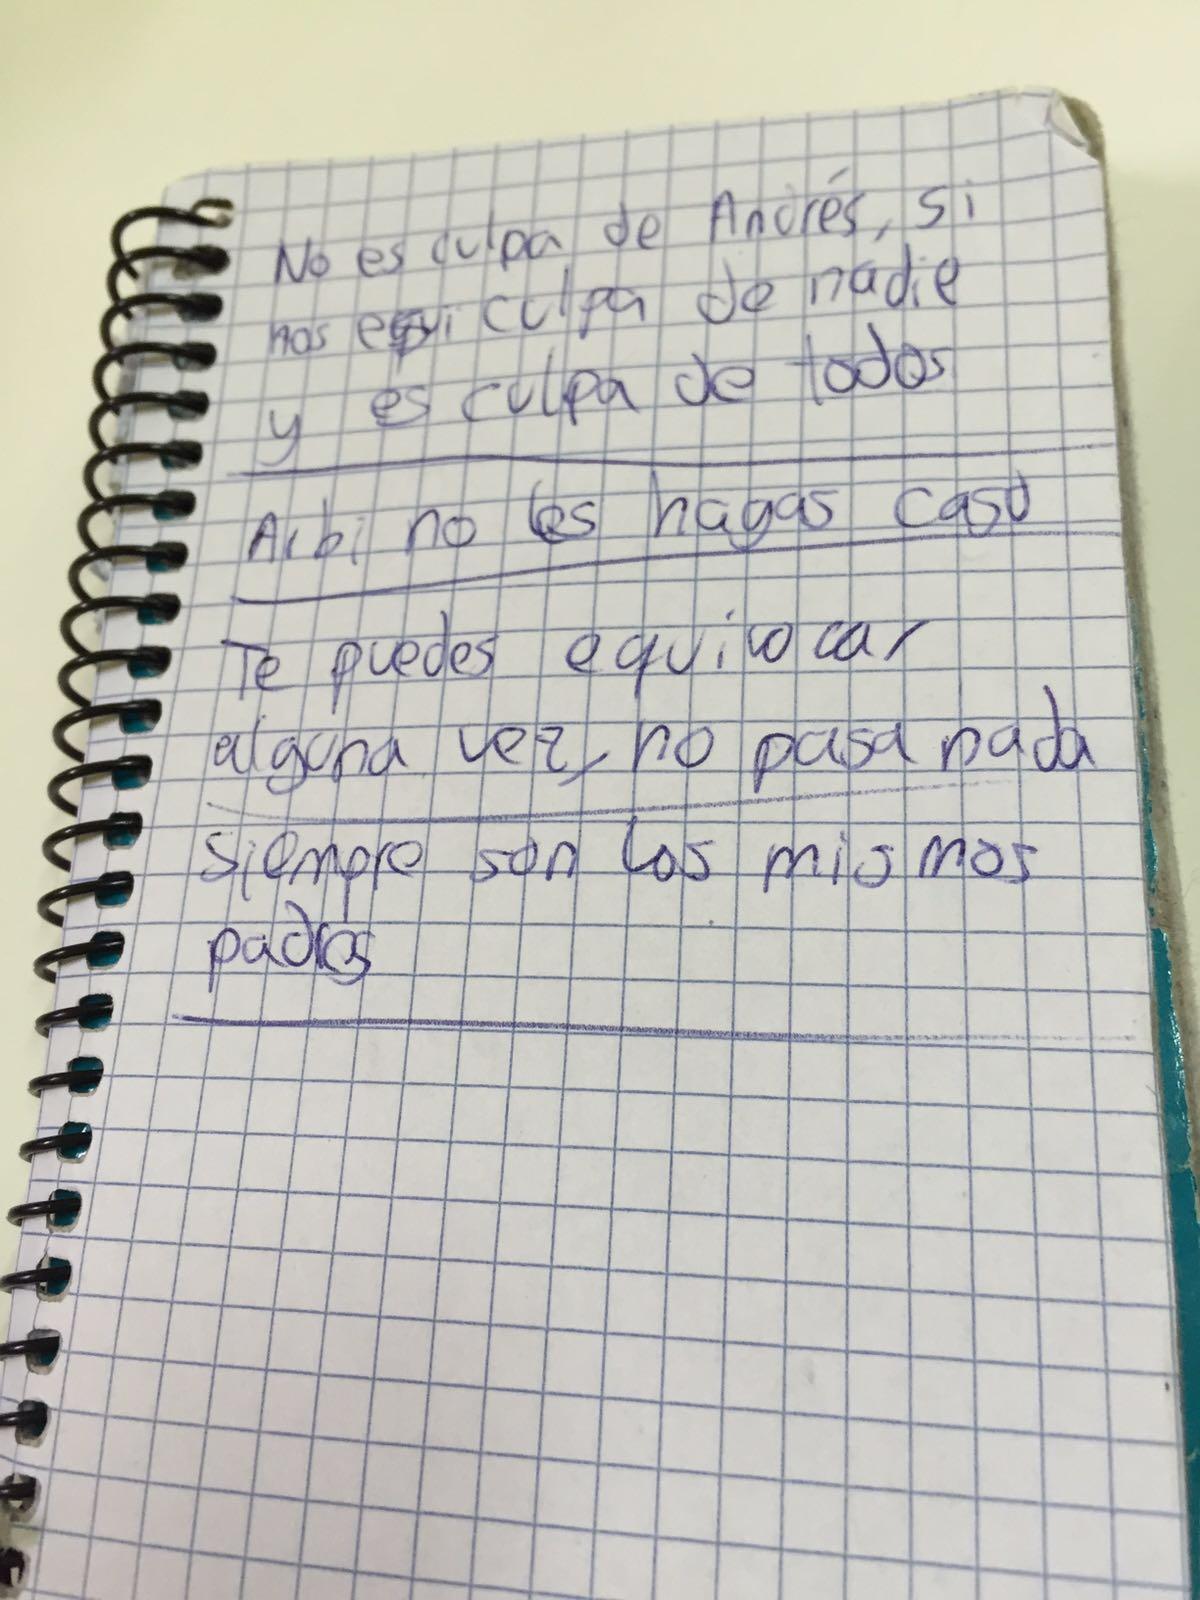 Cuaderno donde el joven colegiado anota las incidencias.